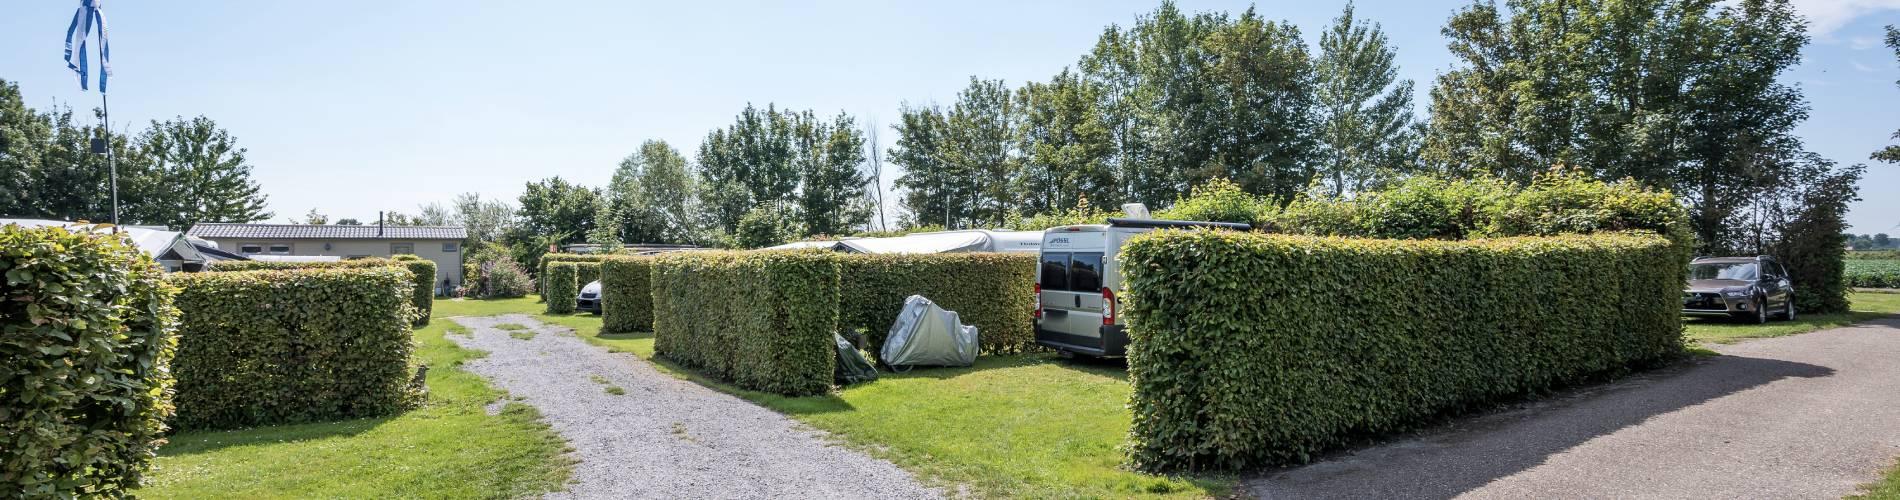 Camping fase